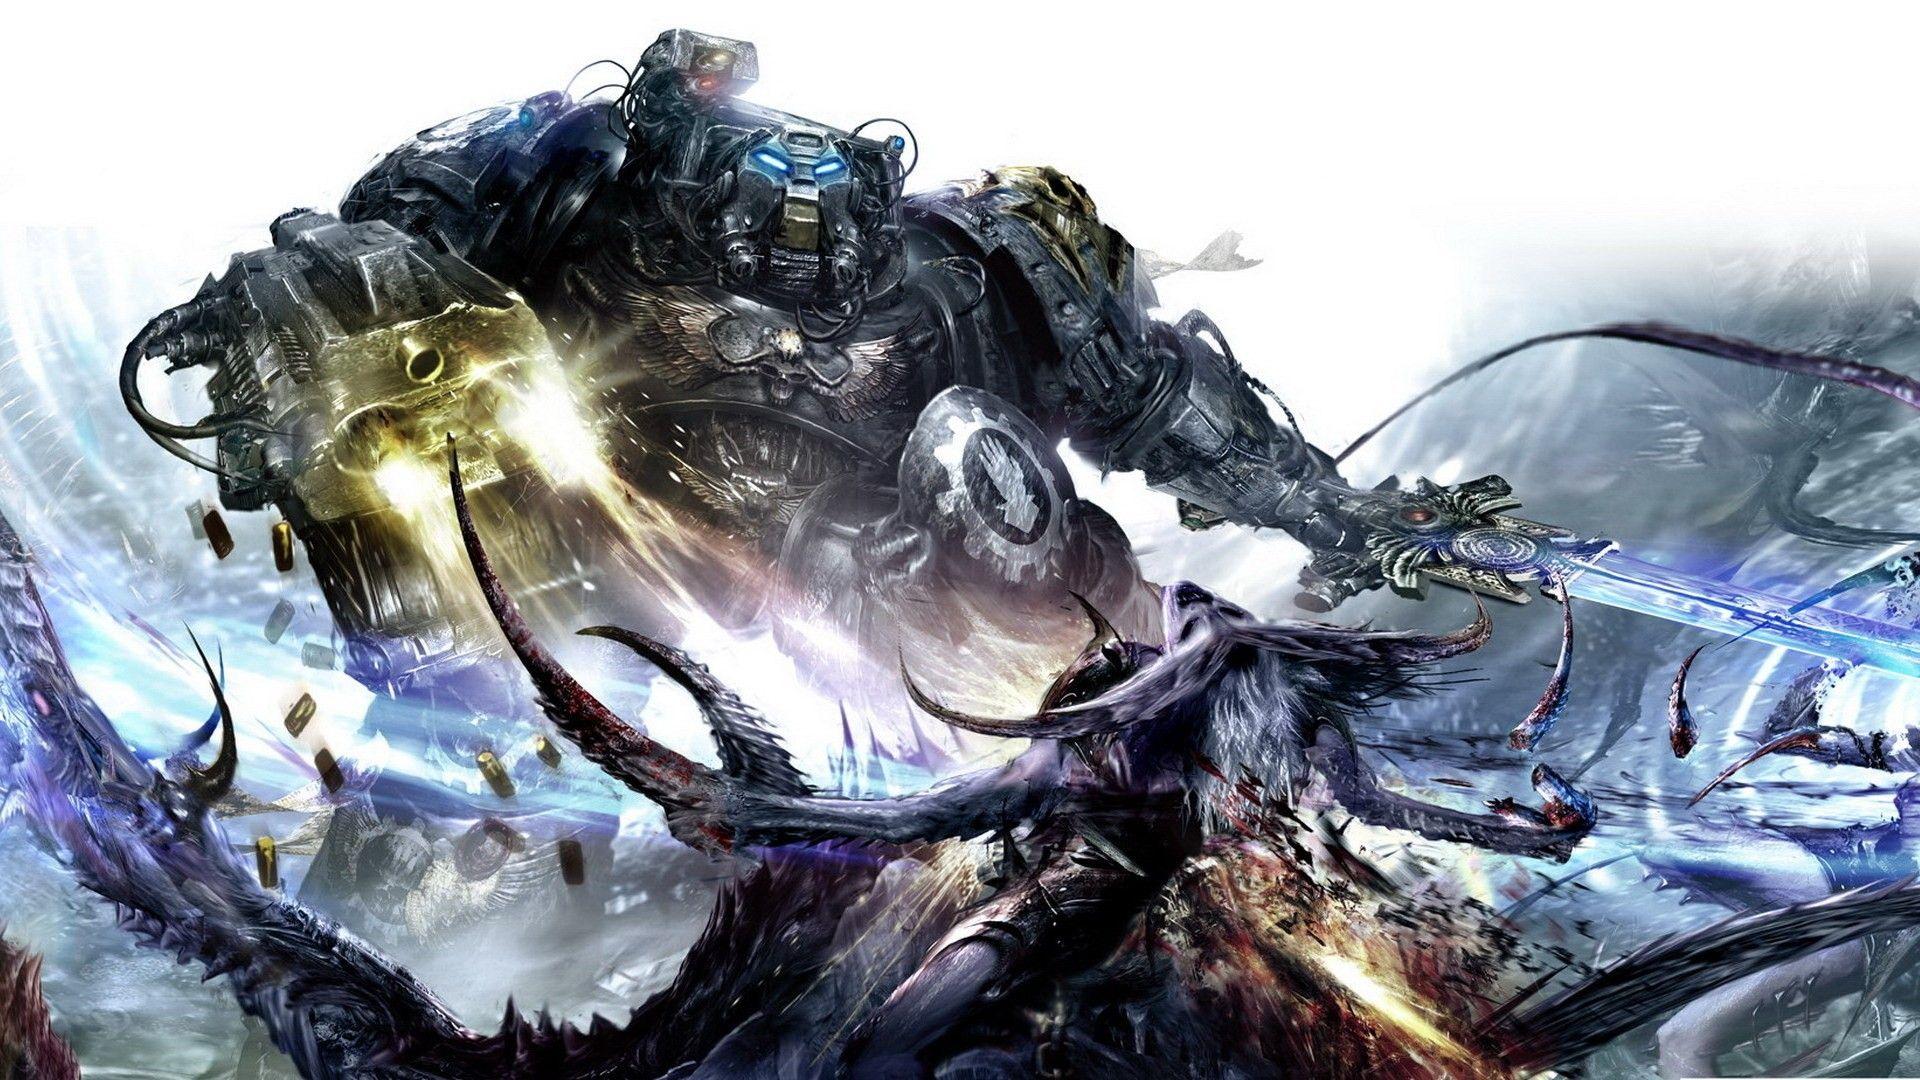 7nkoedm Jpg 1920 1080 Warhammer 40k Artwork Warhammer Warhammer Art